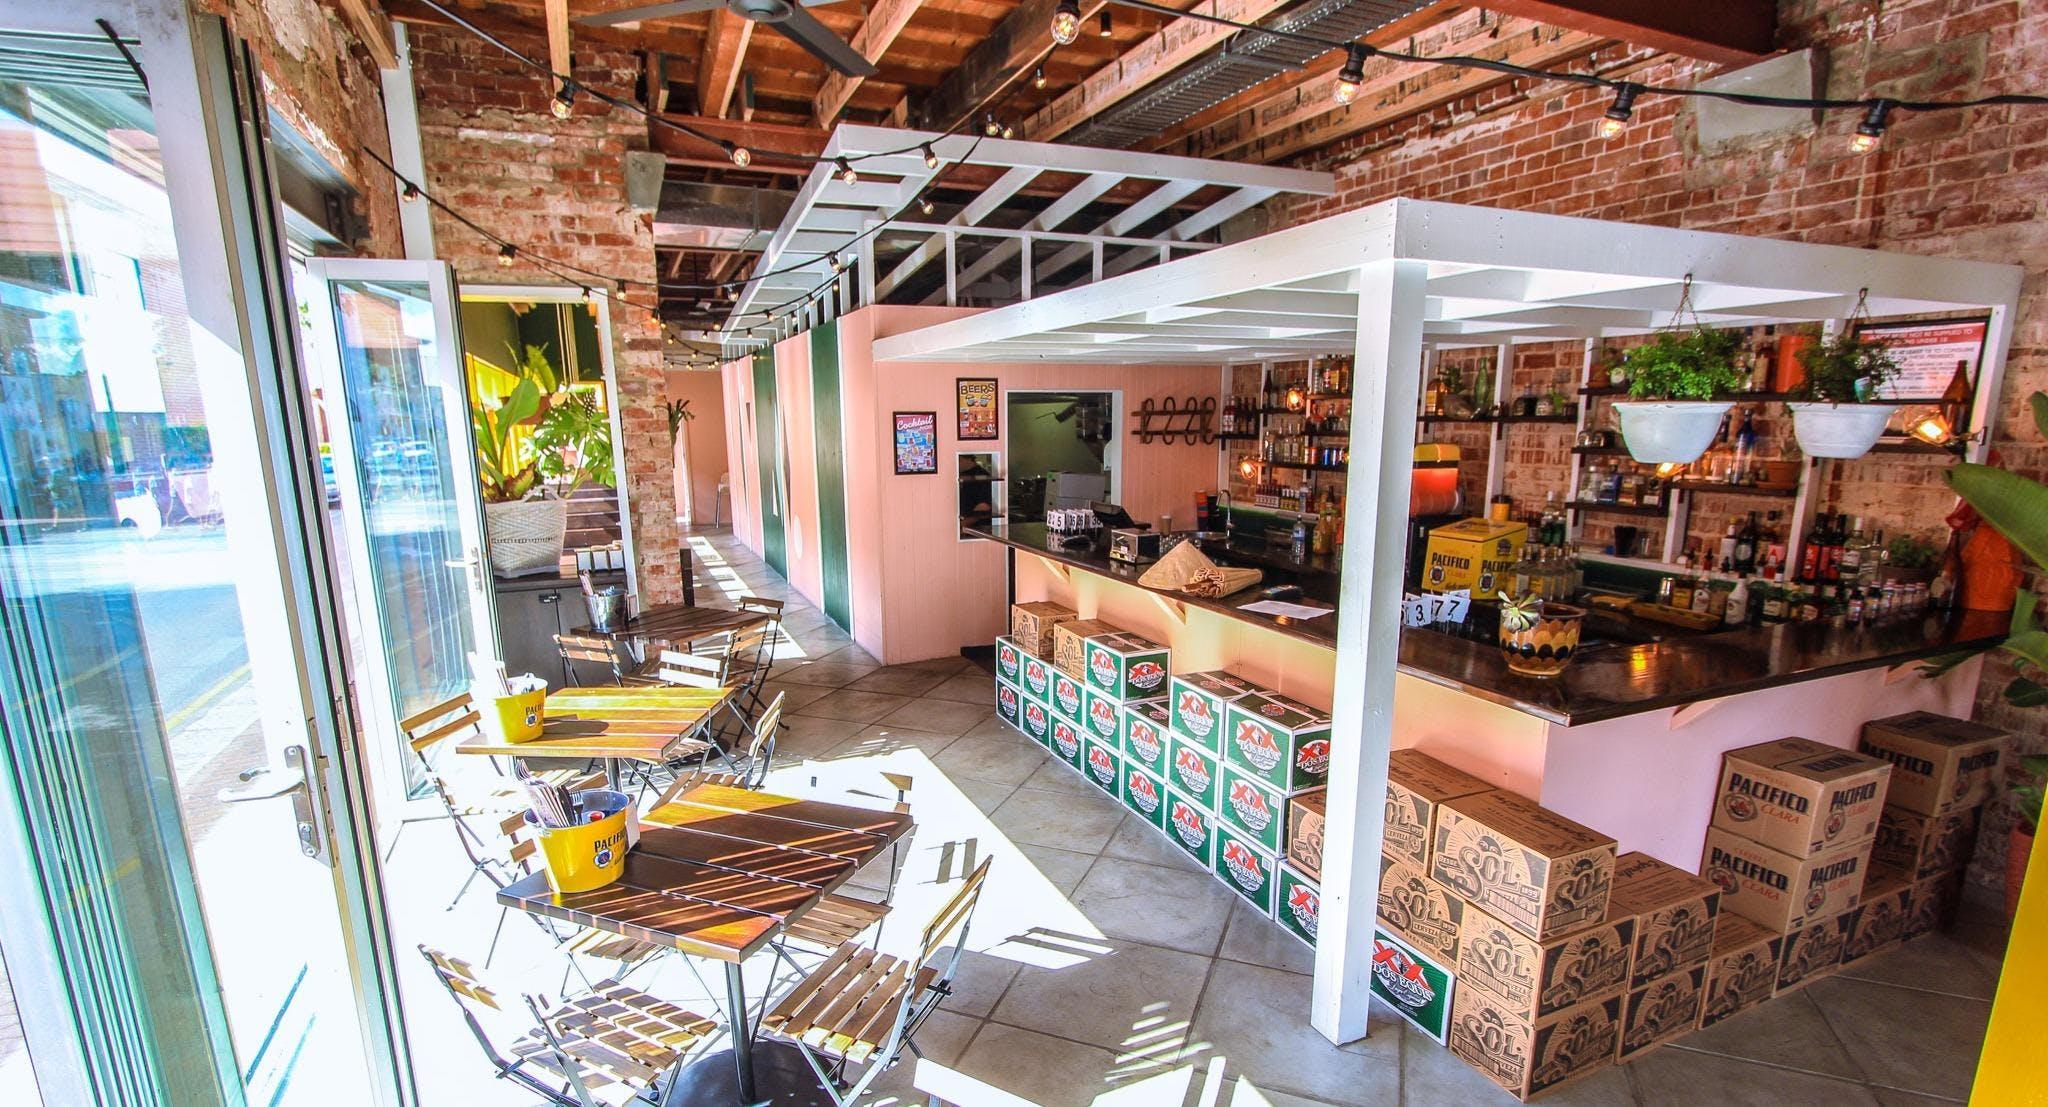 Photo of restaurant Beach Burrito - Glenelg in Glenelg, Adelaide